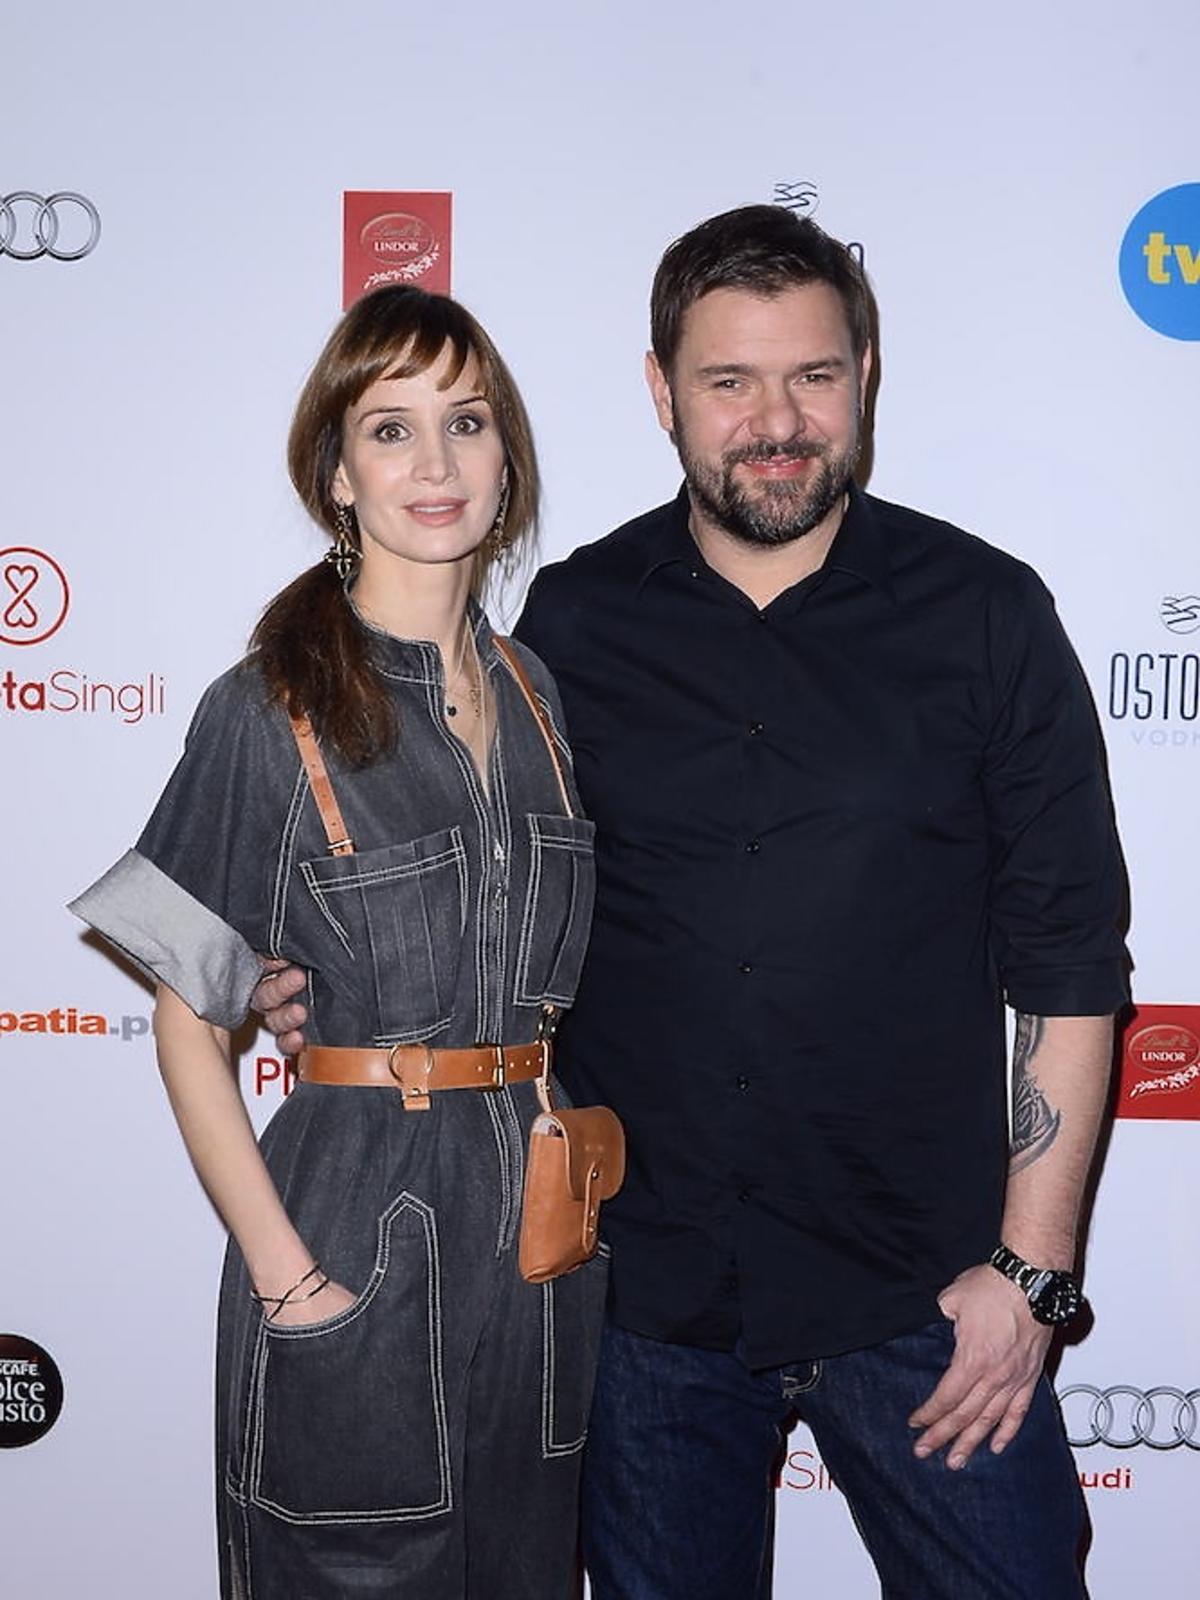 Viola Kołakowska w czarnym kobinezonie i Tomasz Karolak w czarnej koszuli na ściance